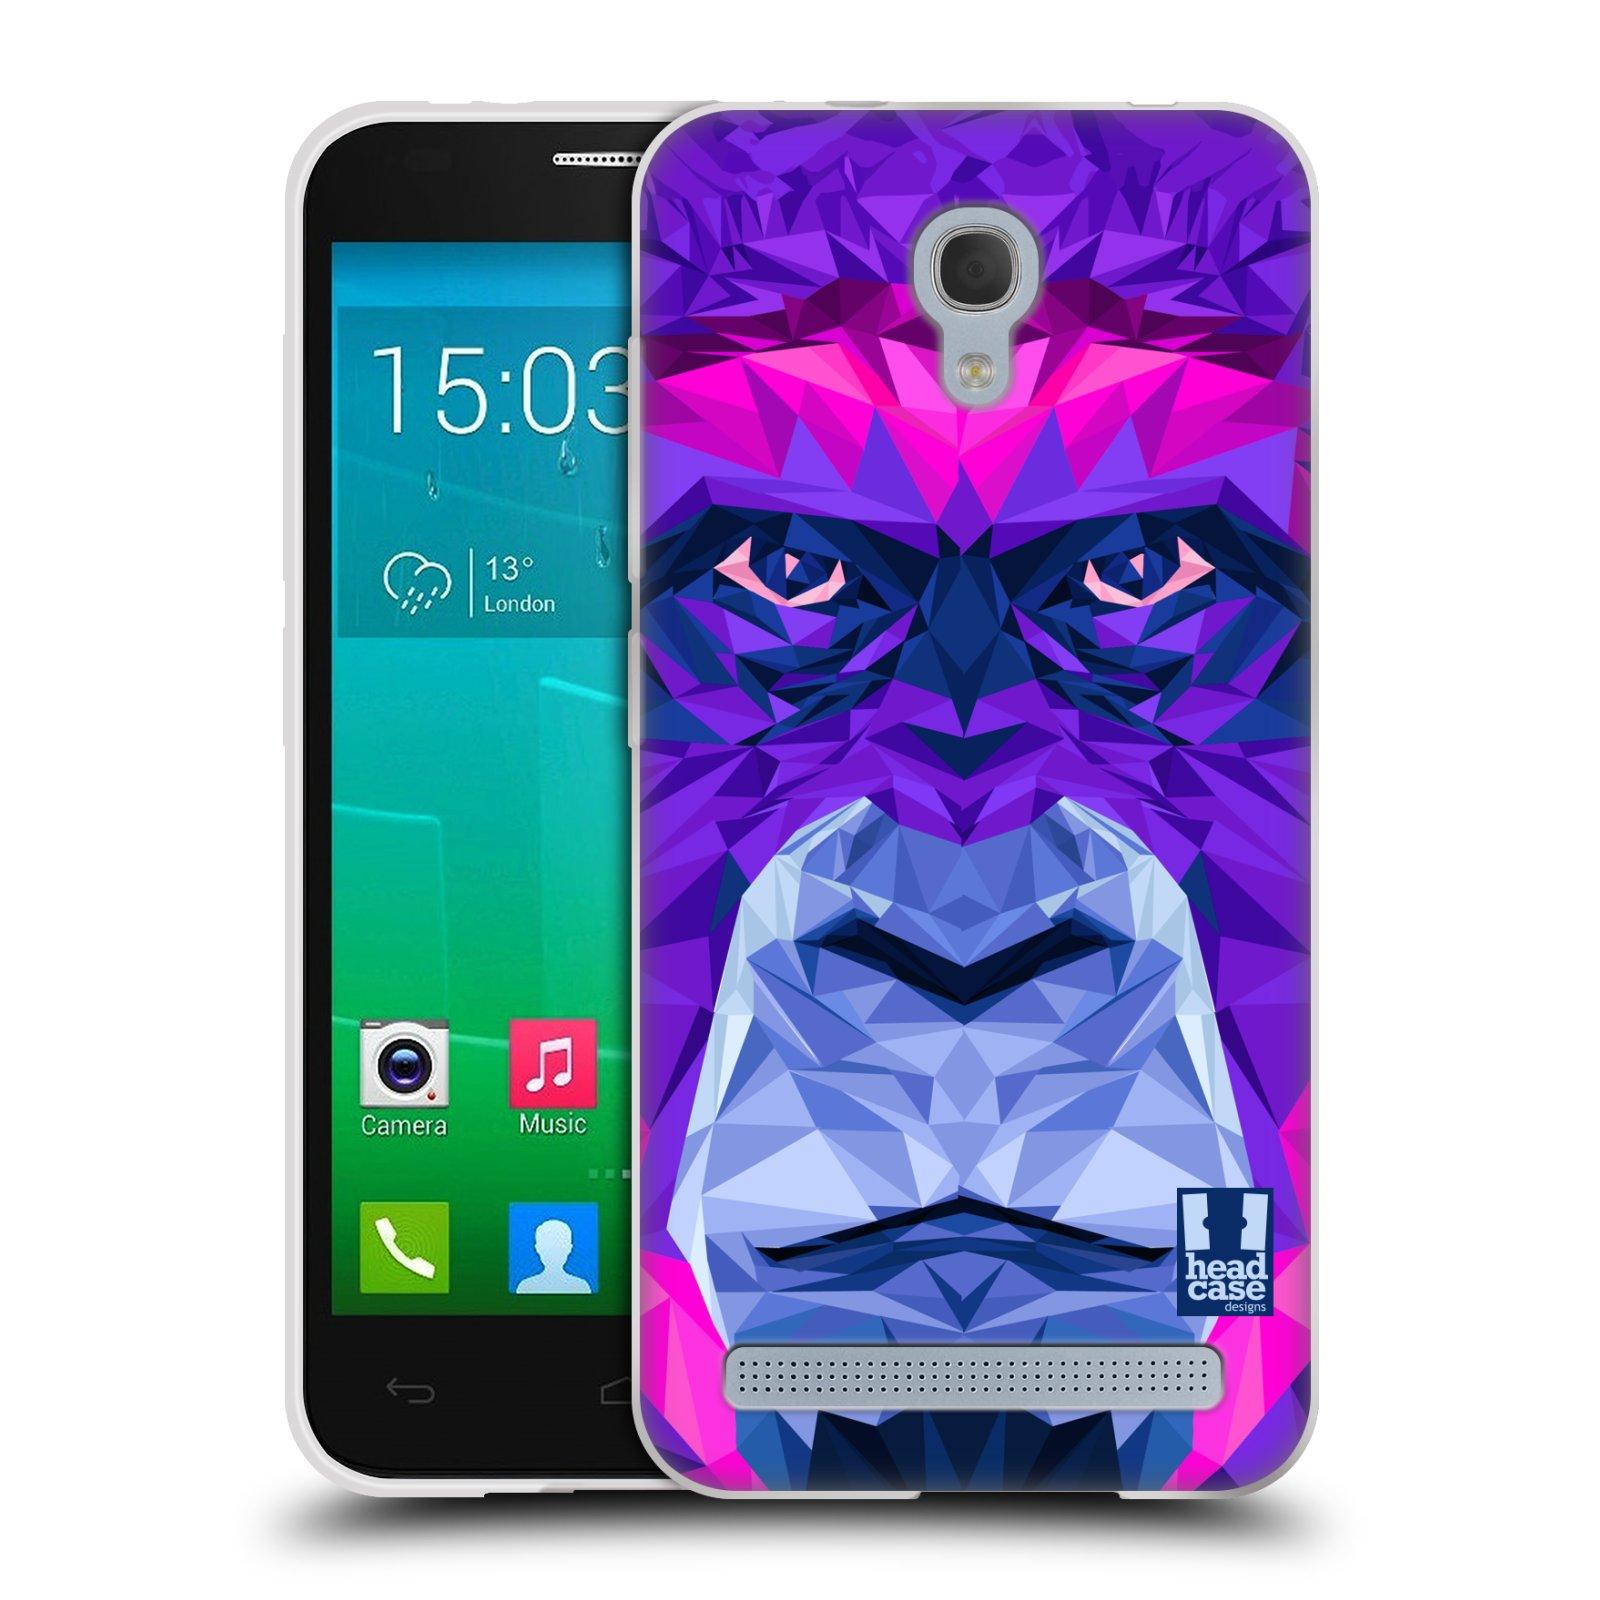 HEAD CASE silikonový obal na mobil Alcatel Idol 2 MINI S 6036Y vzor Geometrická zvířata 2 Orangutan